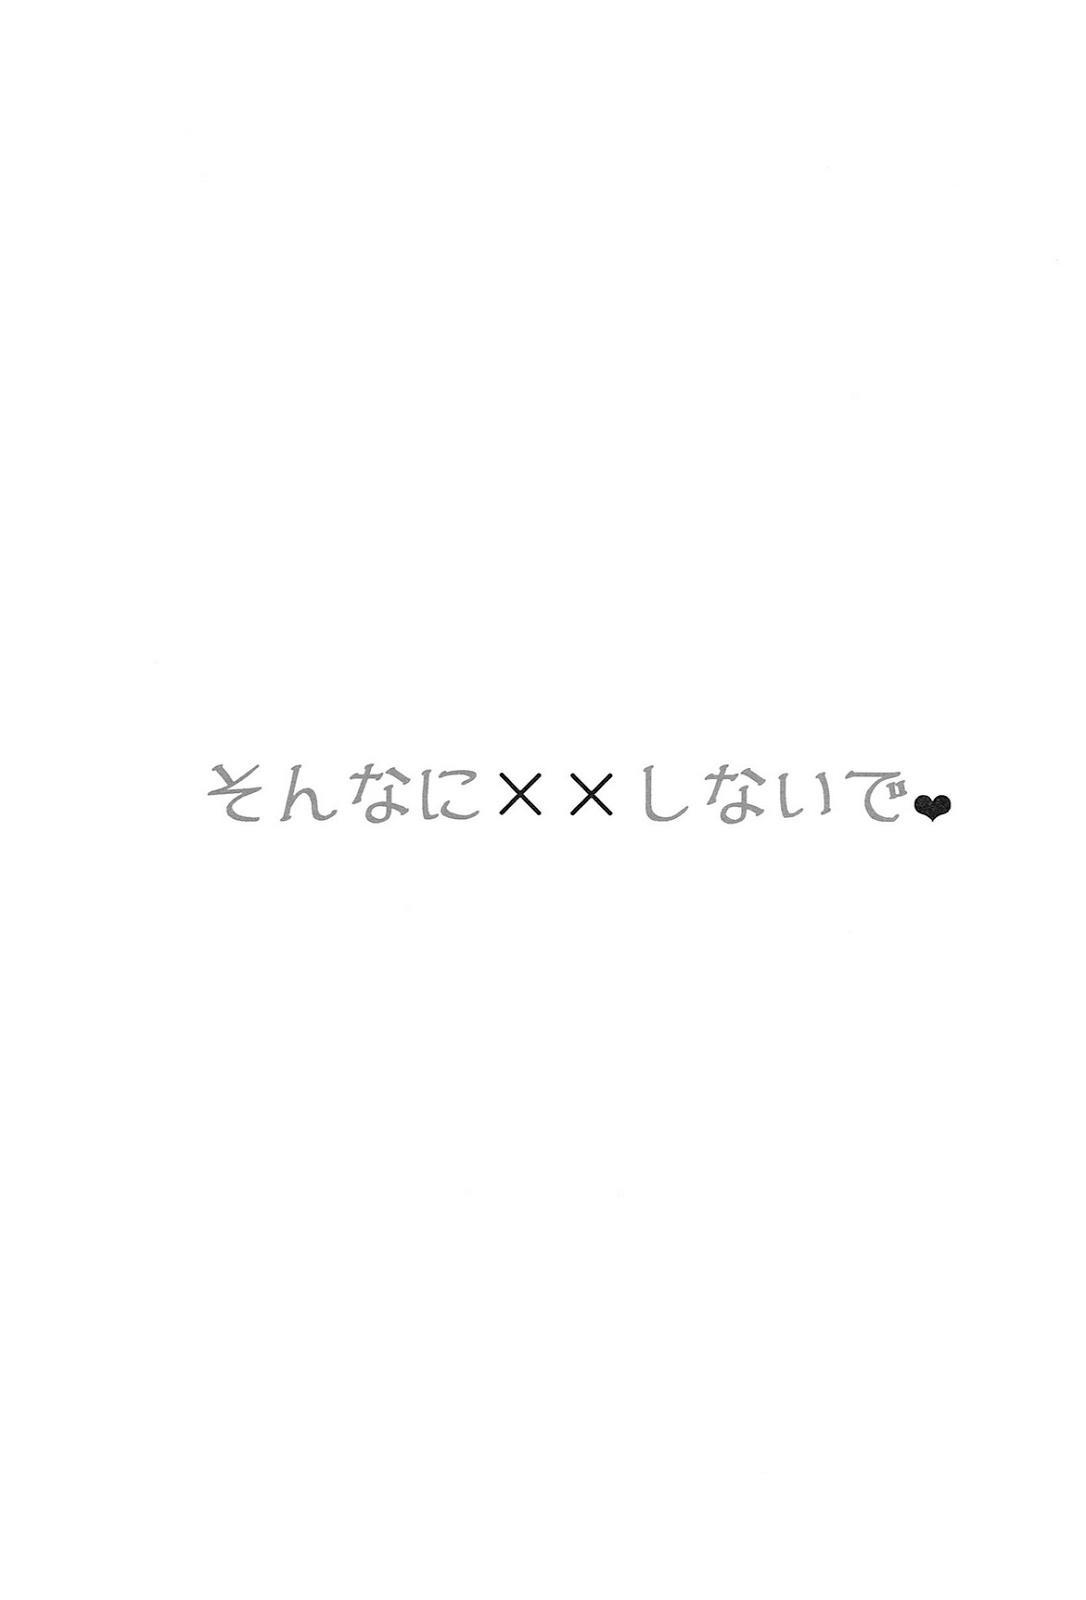 Sonnani XX Shinaide | Don't XX So Much 1